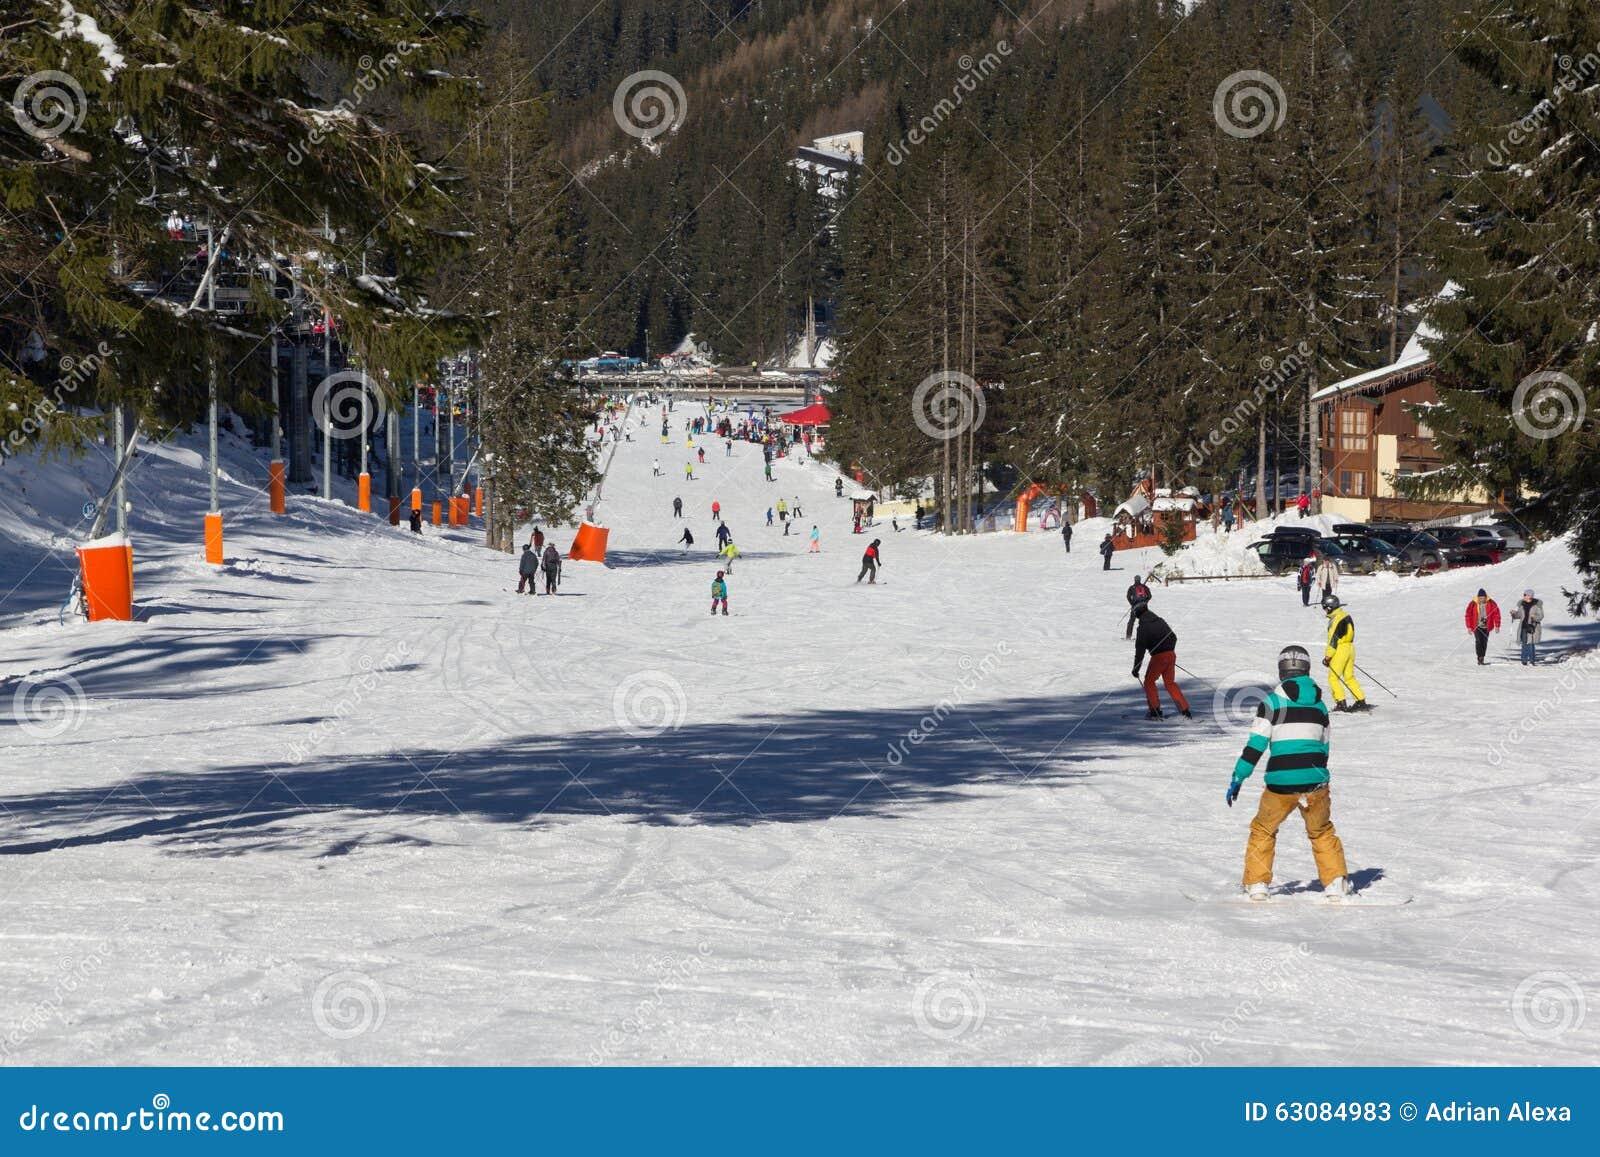 Download Skieurs Et Surfeurs Appréciant La Bonne Neige Photo stock éditorial - Image du nature, ressource: 63084983